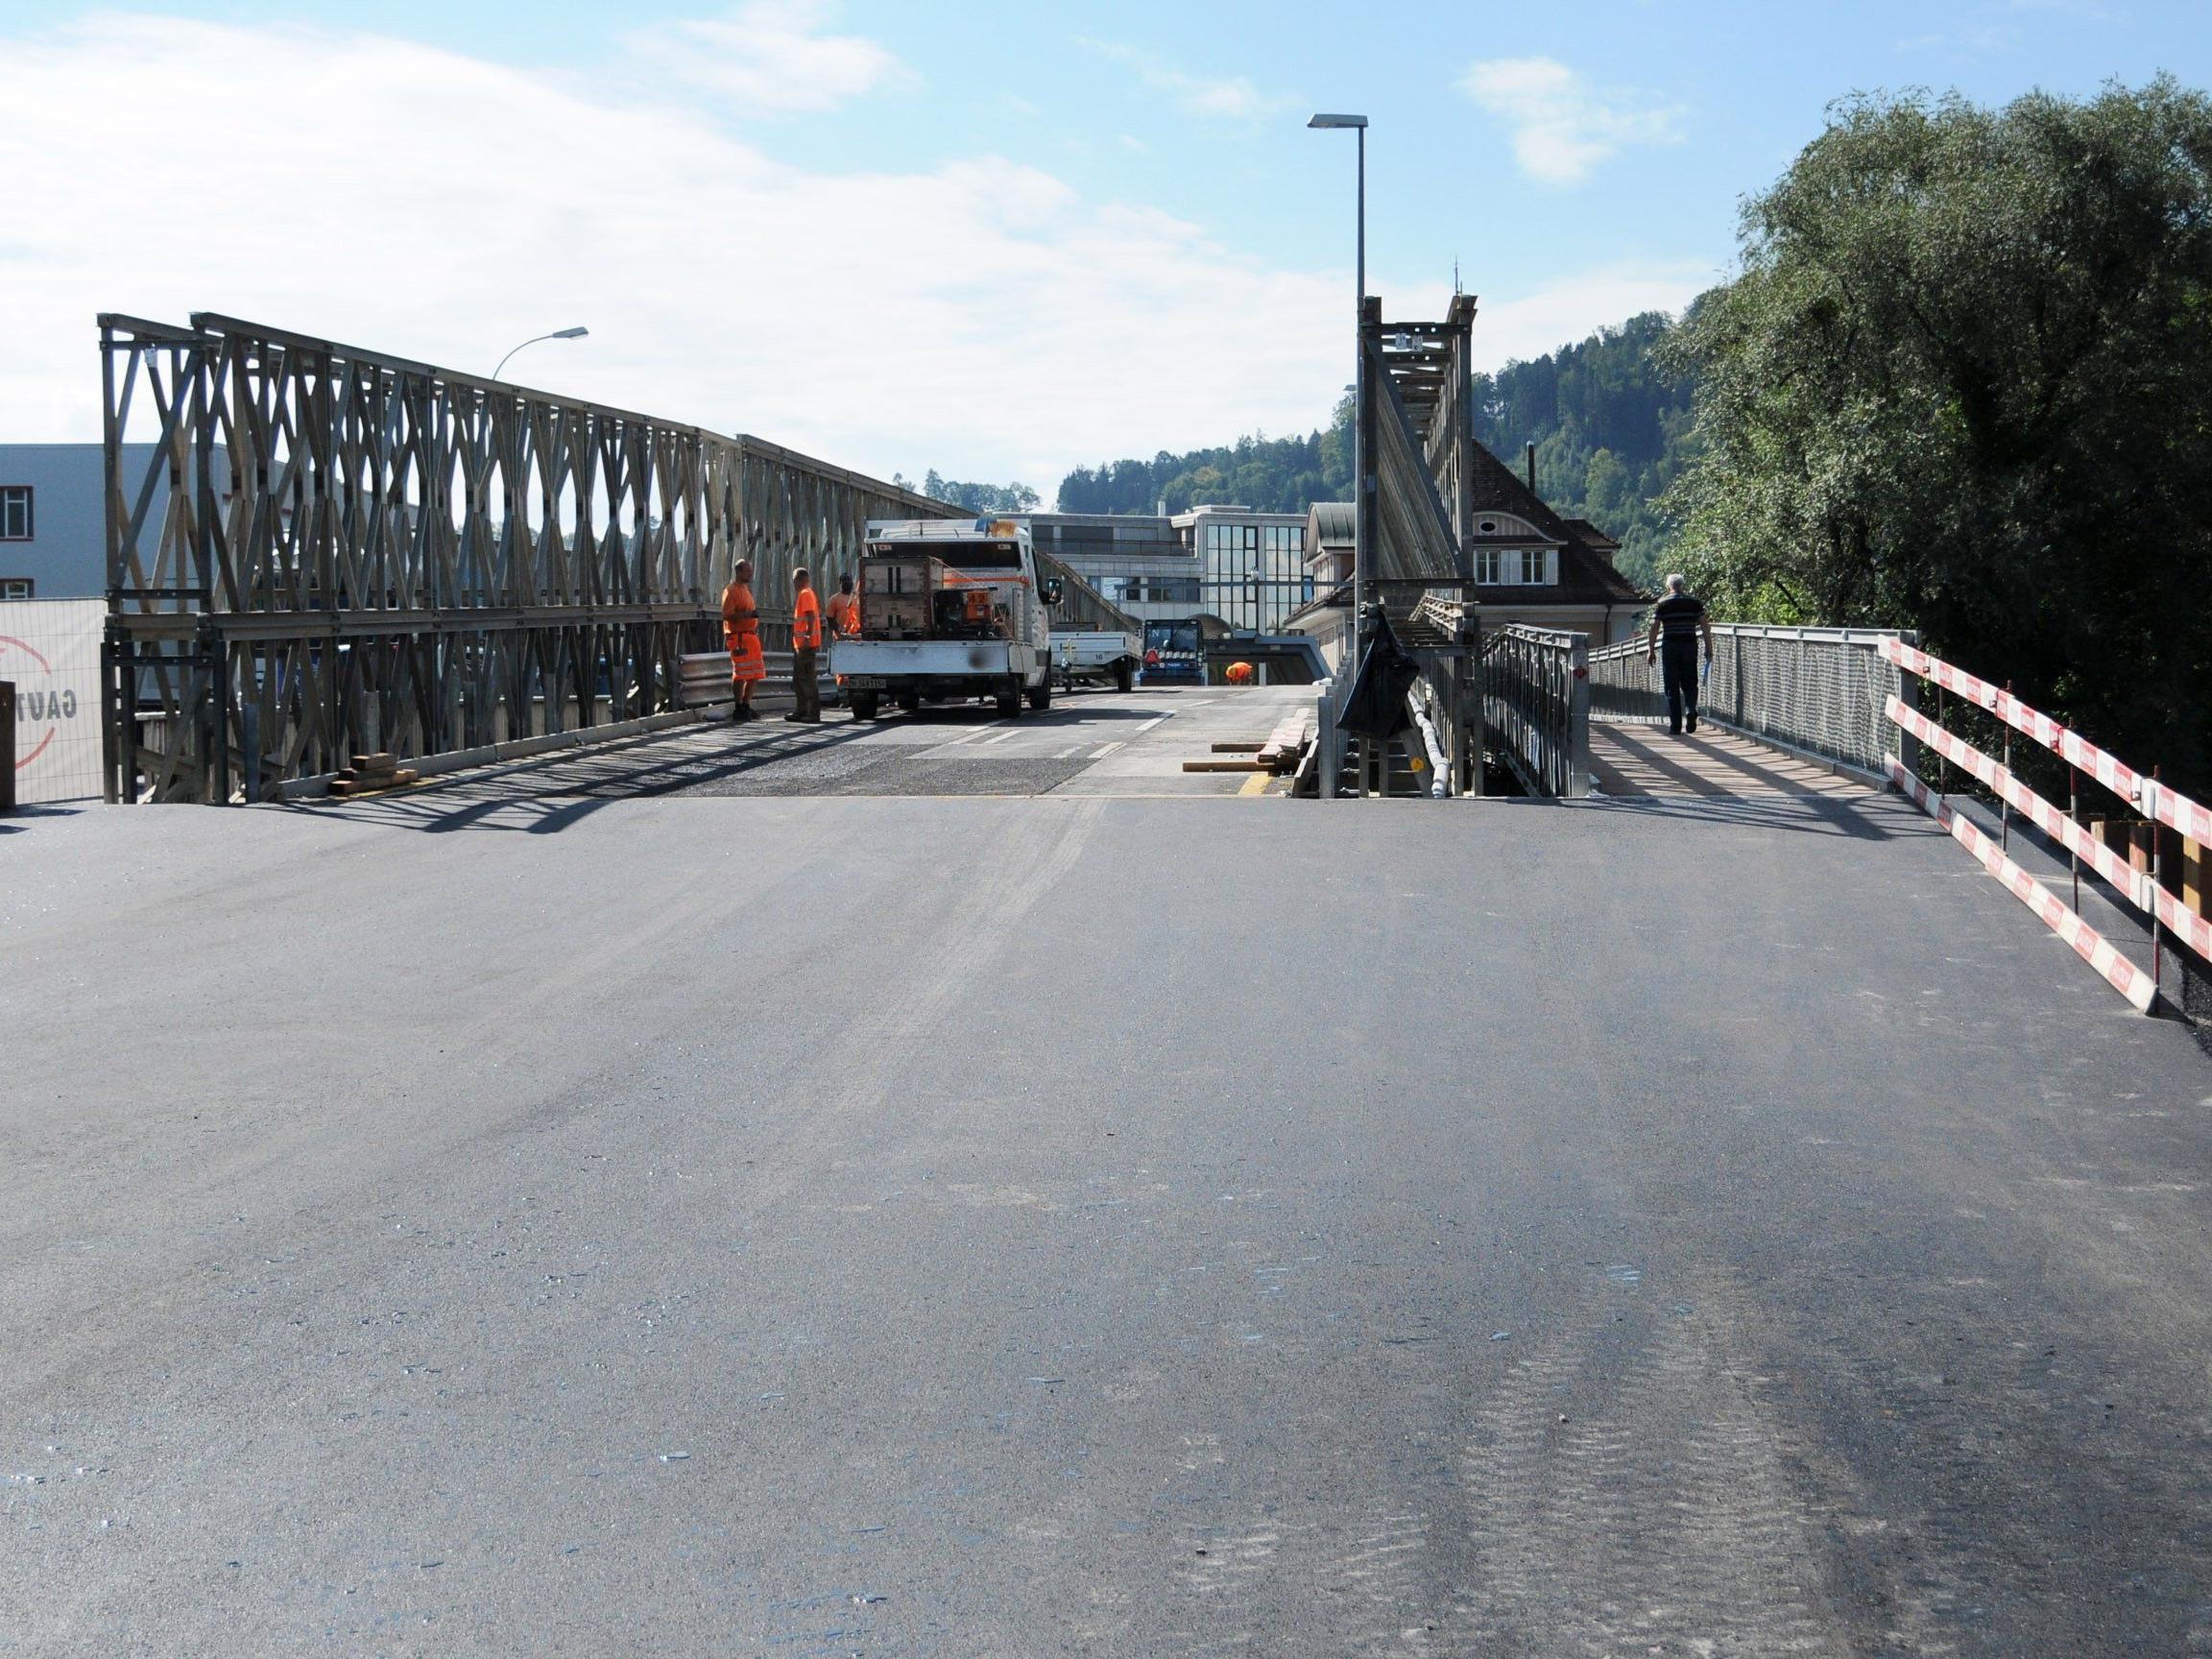 Die Zufahrtsrampen zur Ersatzbrücke Höchst - St. Margrethen sind bereits asphaltiert.